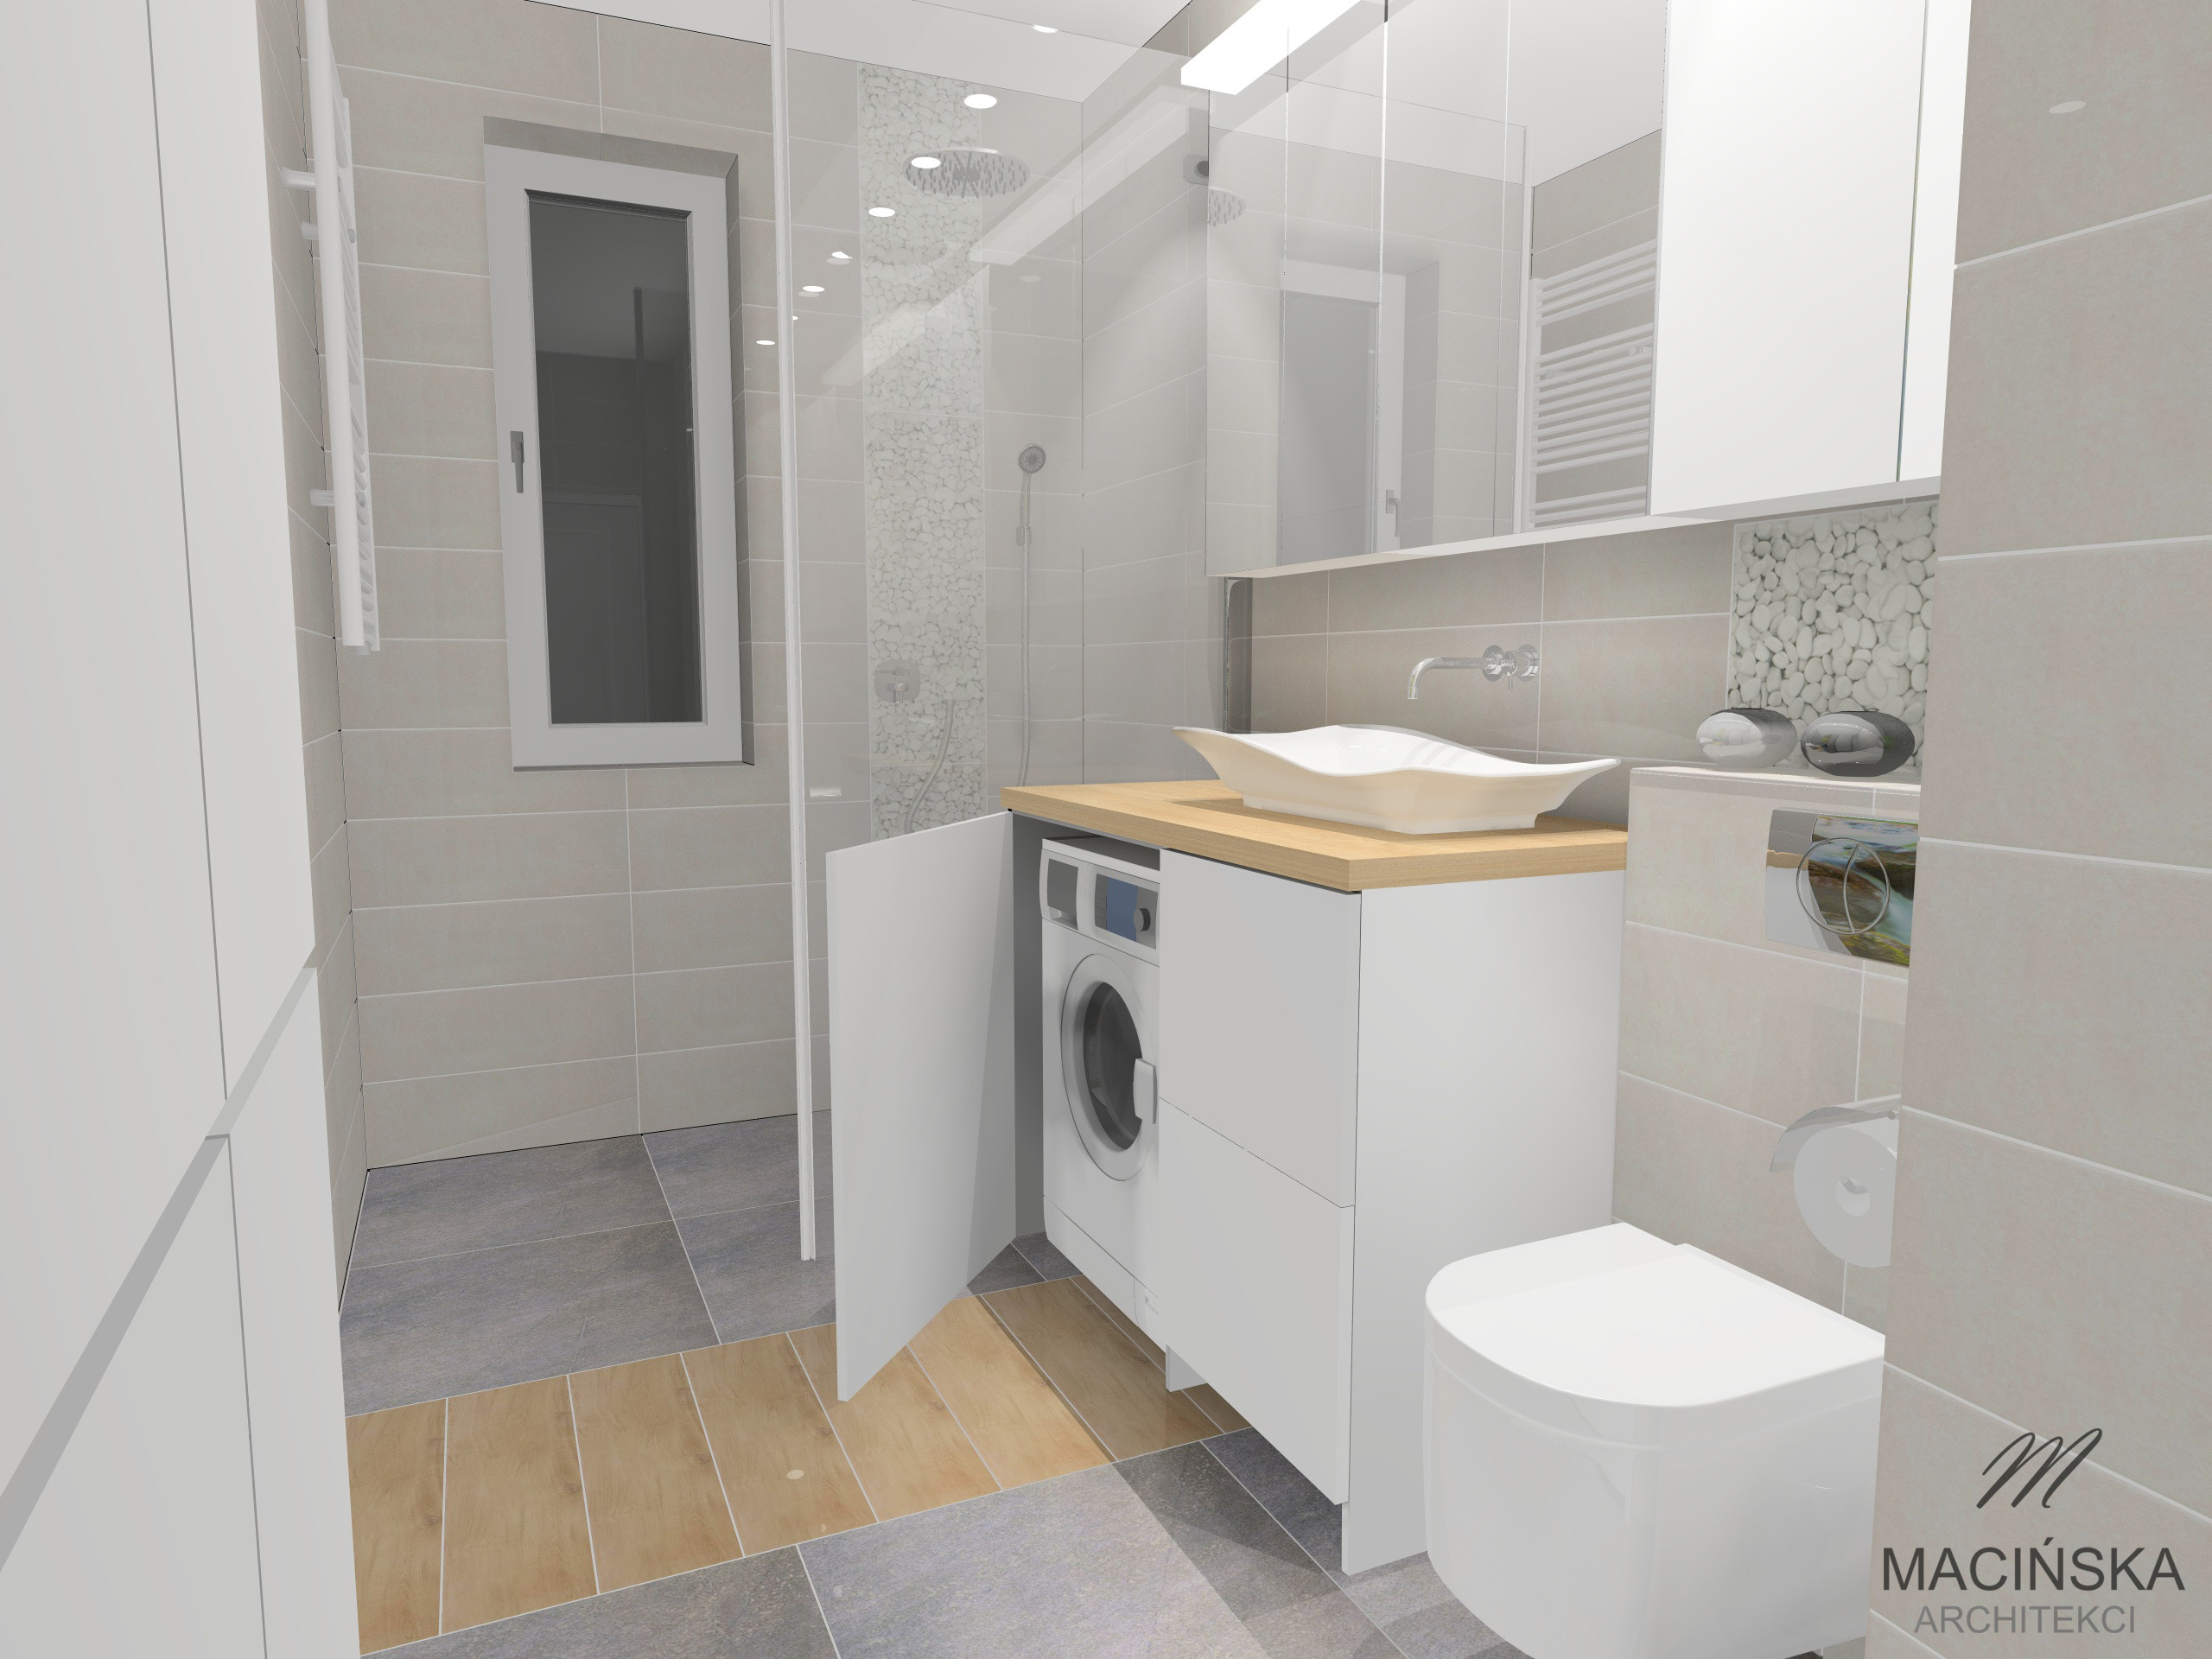 Pralka W łazience Macińska Architekci